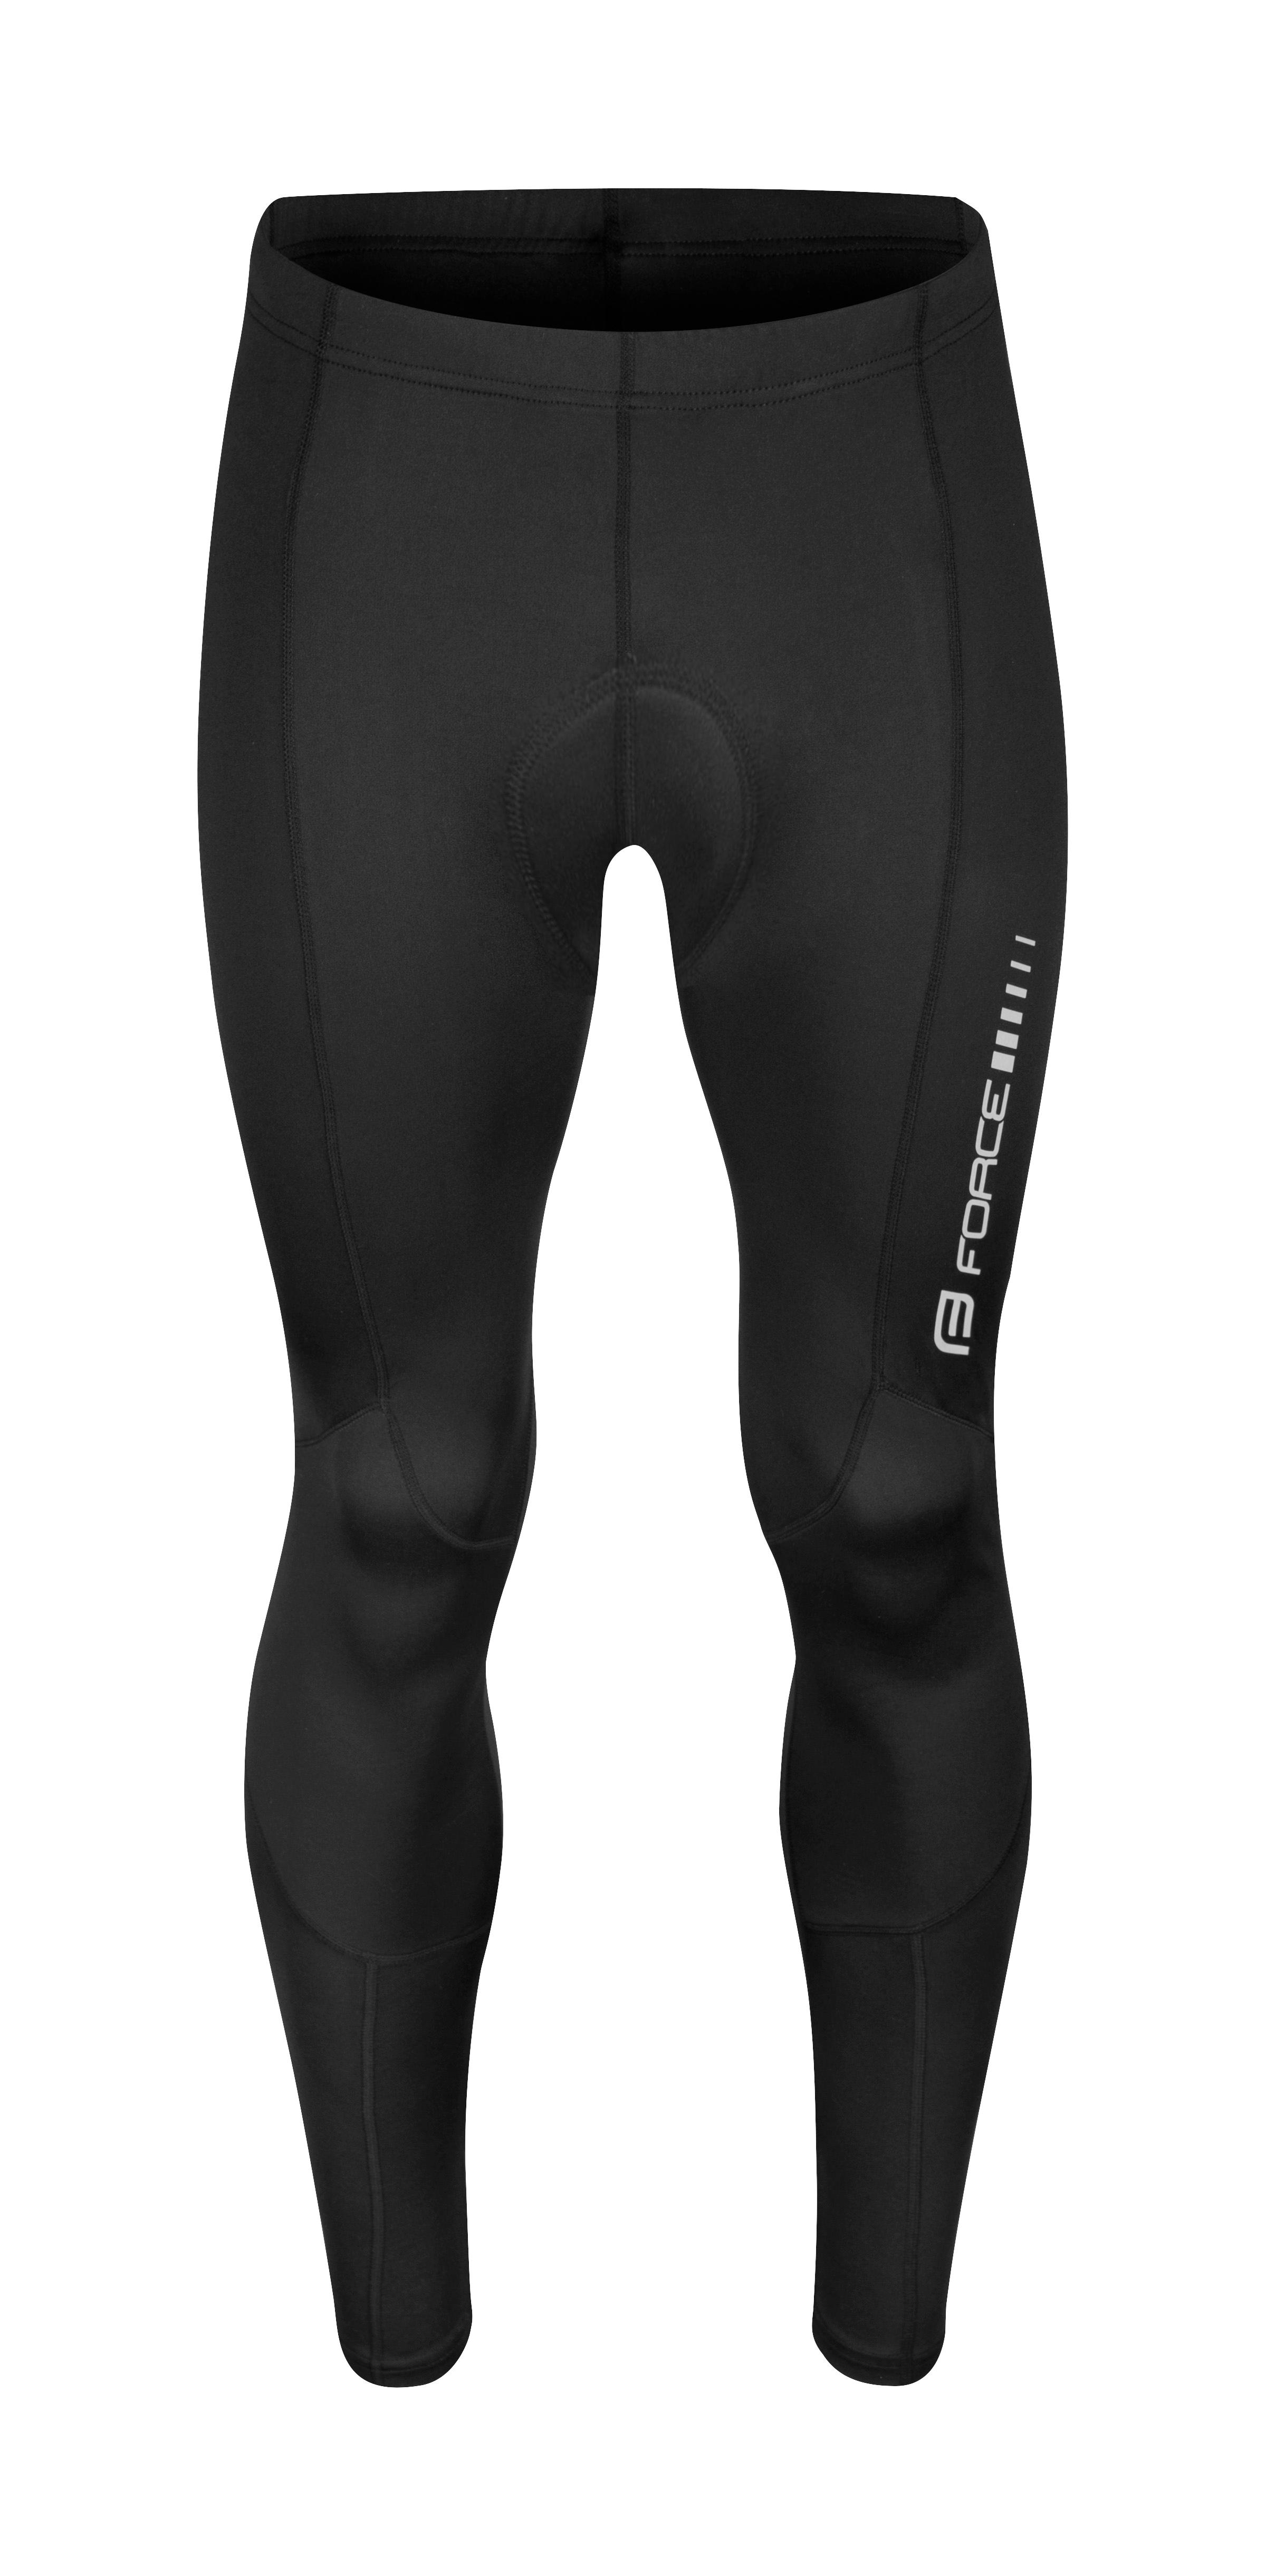 kalhoty FORCE Z68 do pasu s vložkou, černé XS